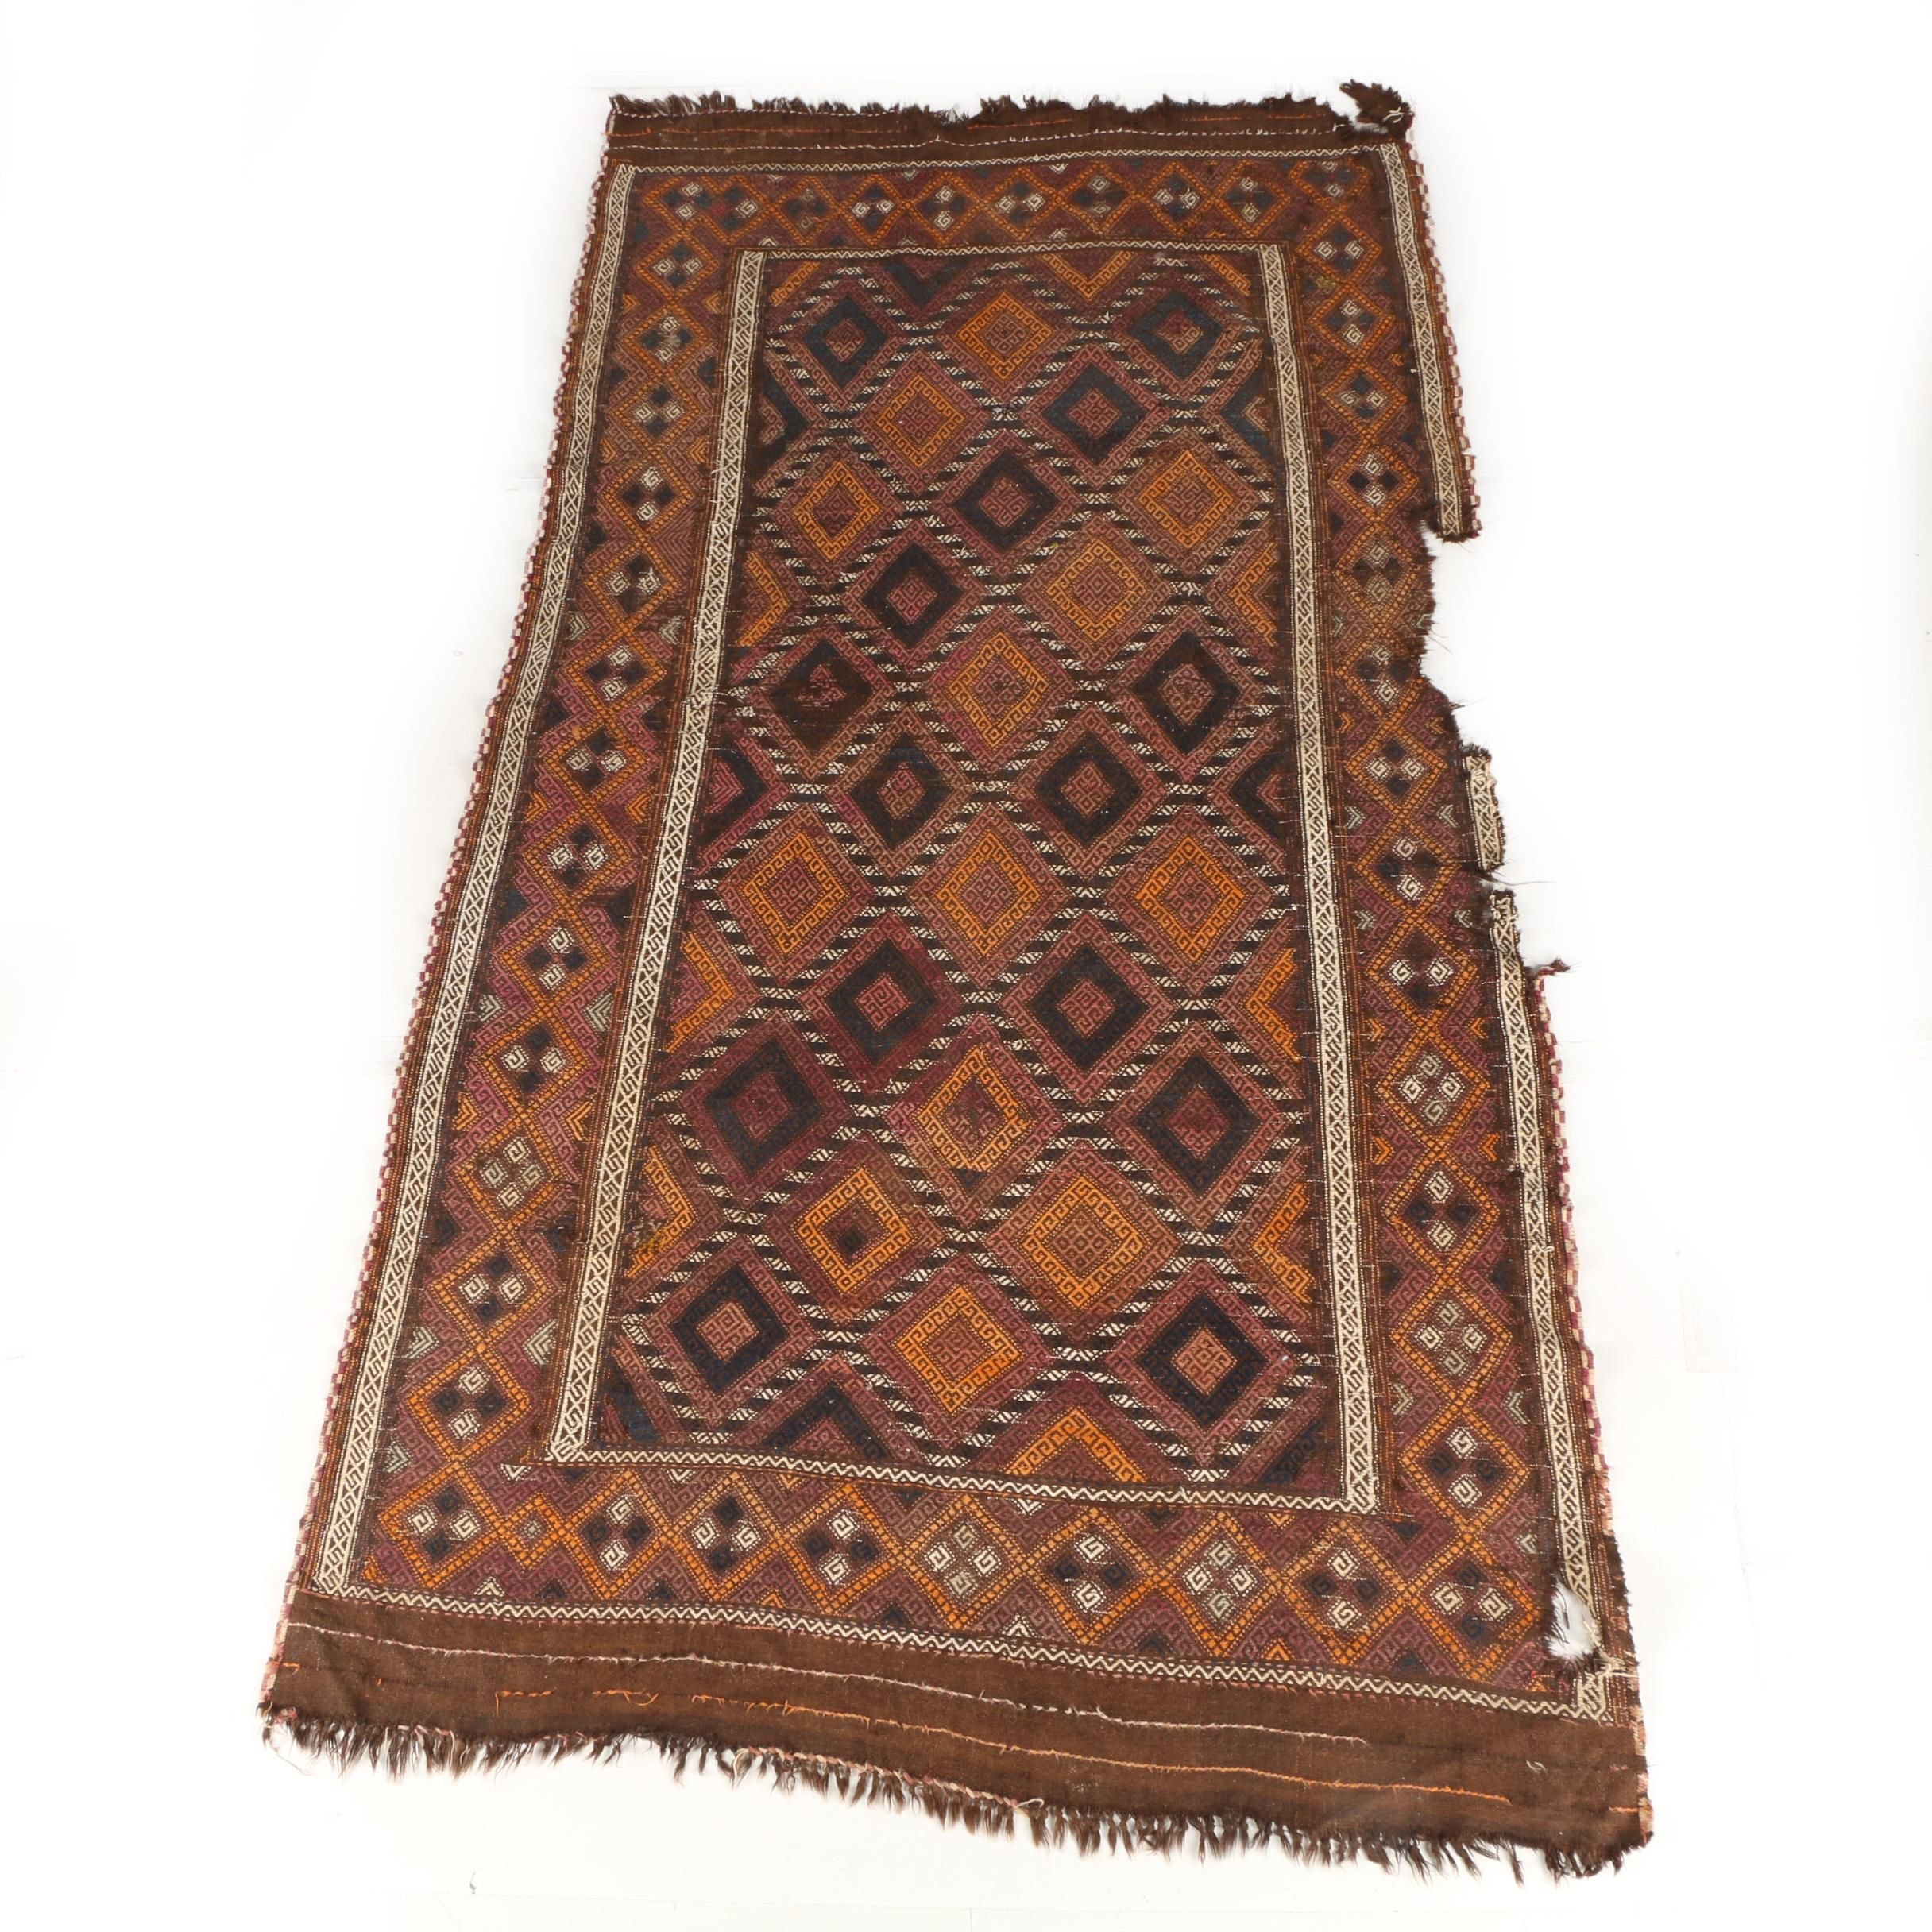 Antique Handwoven Yomut Area Soumak